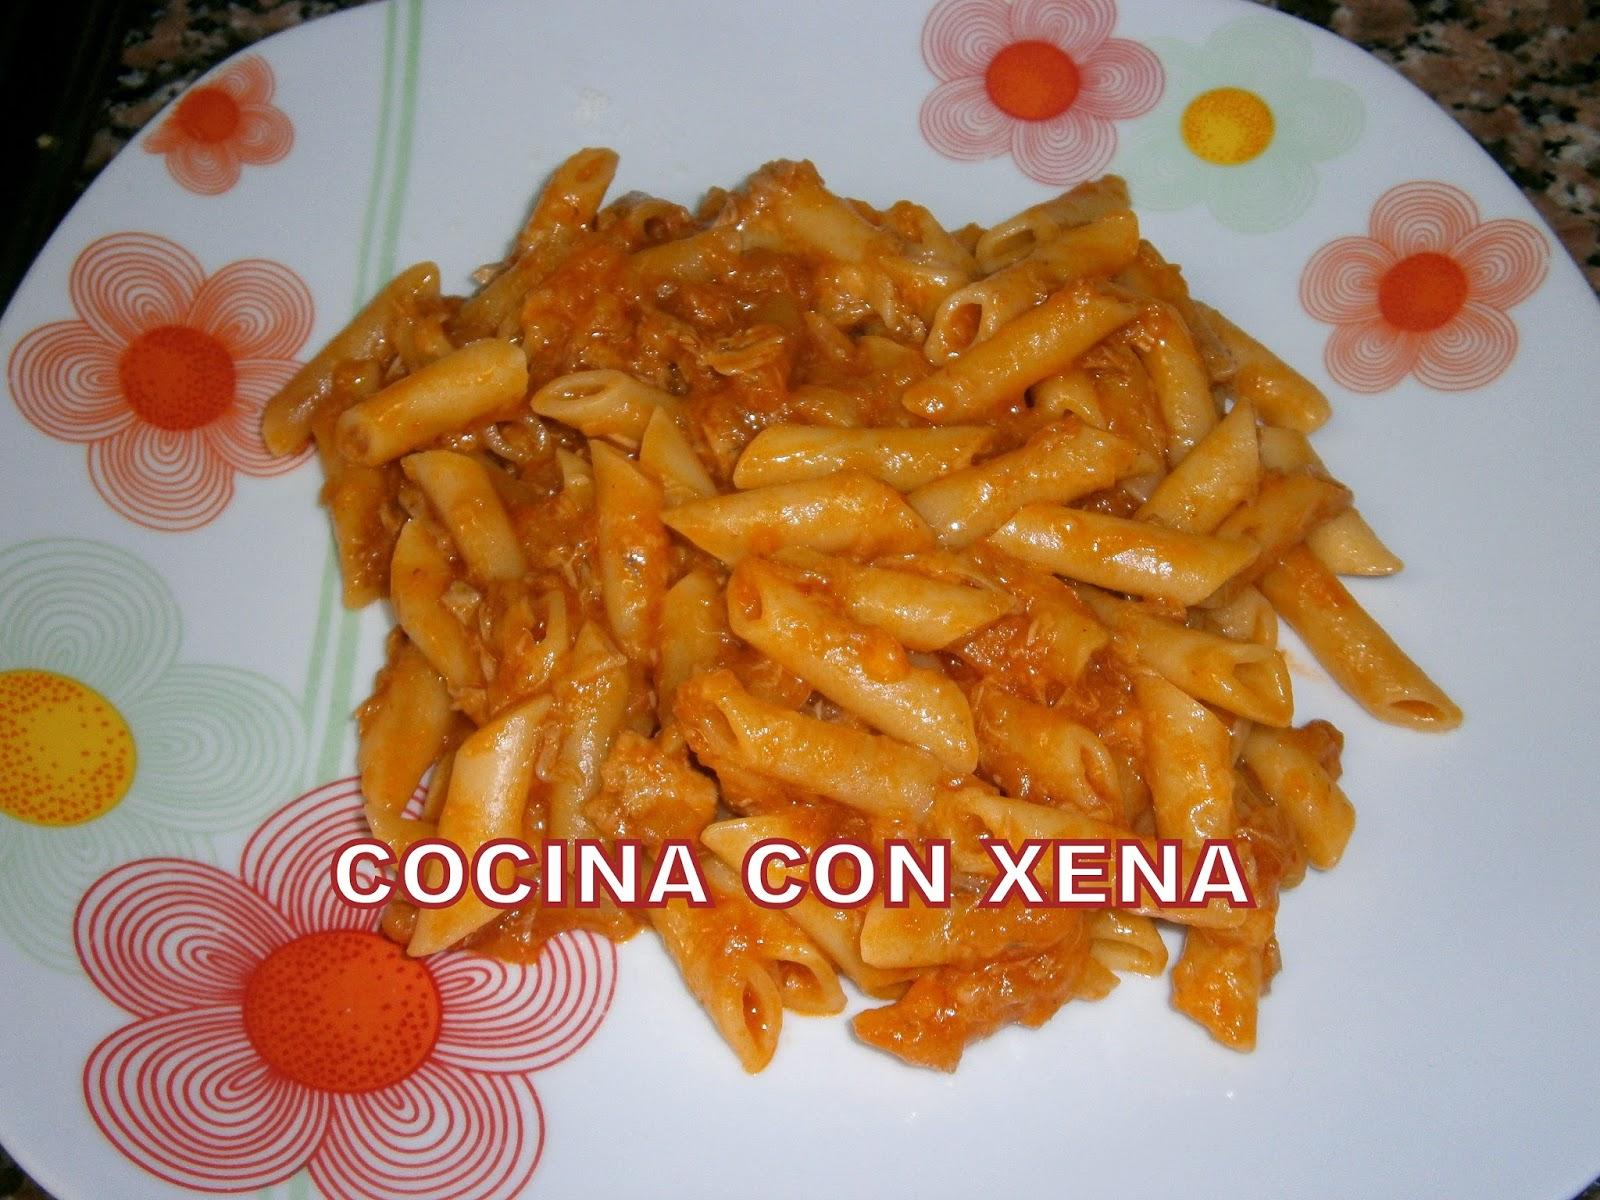 Cocina con xena macarrones con berenjena at n natural for Cocina con xena olla gm d